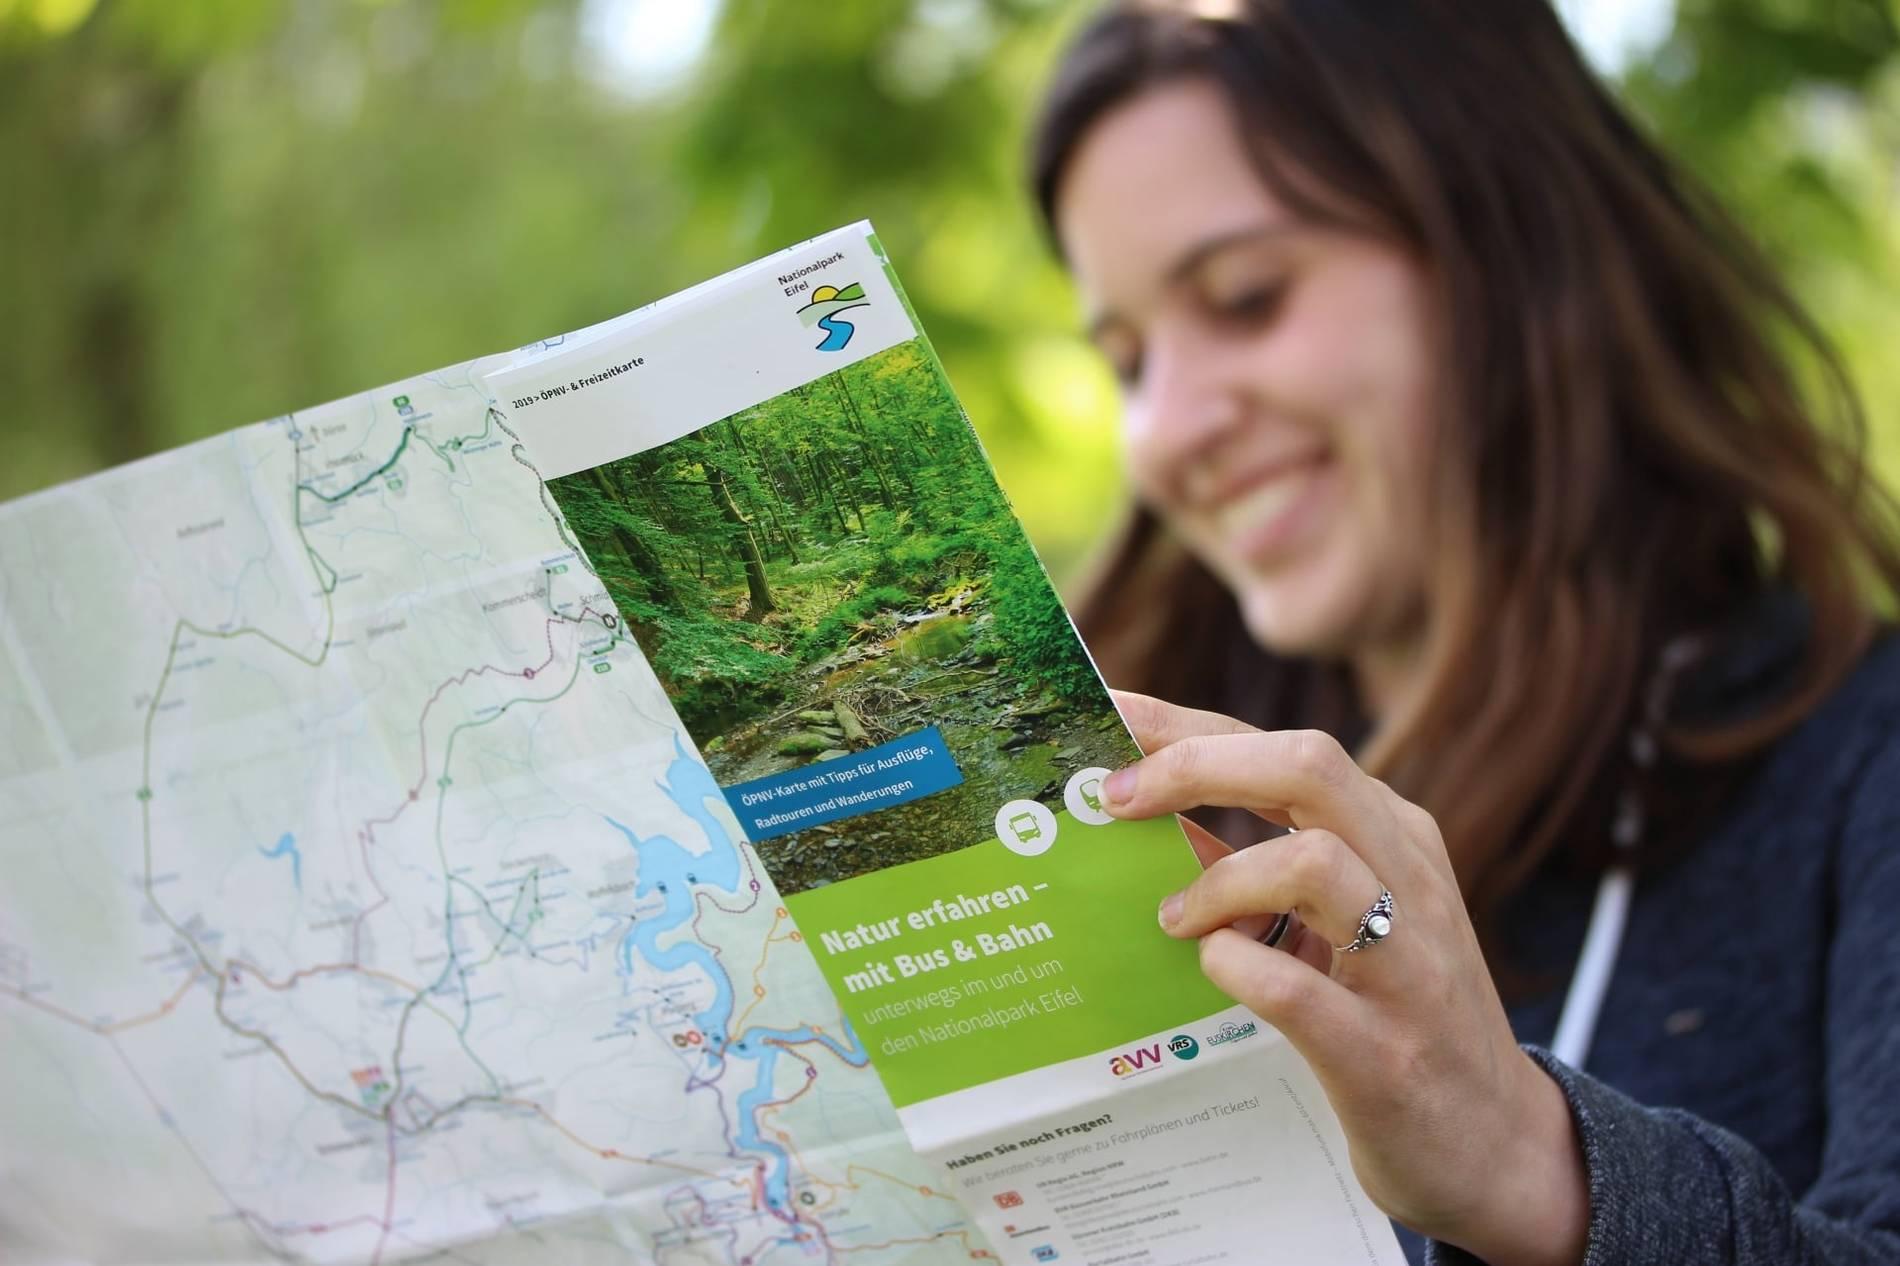 Nationalpark Eifel Karte.Neu Aufgelegte öpnv Karte Für Den Nationalpark Eifel